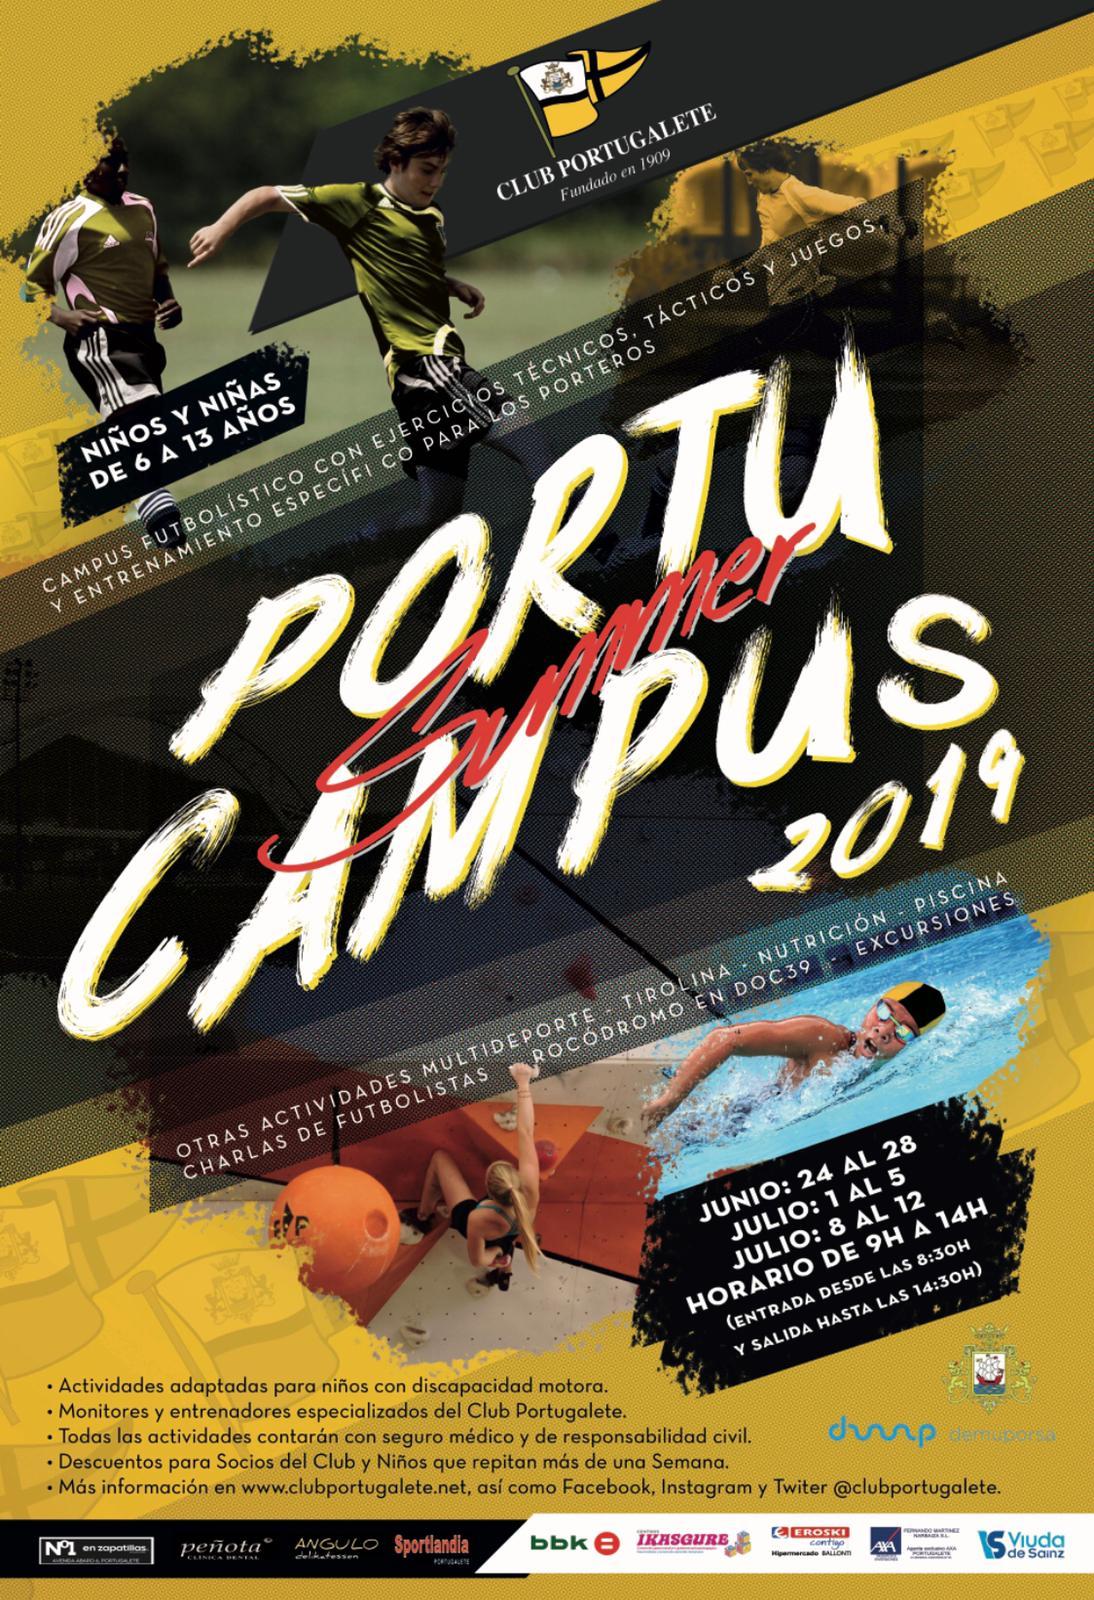 cartel-campus-2019-portugalete-2019